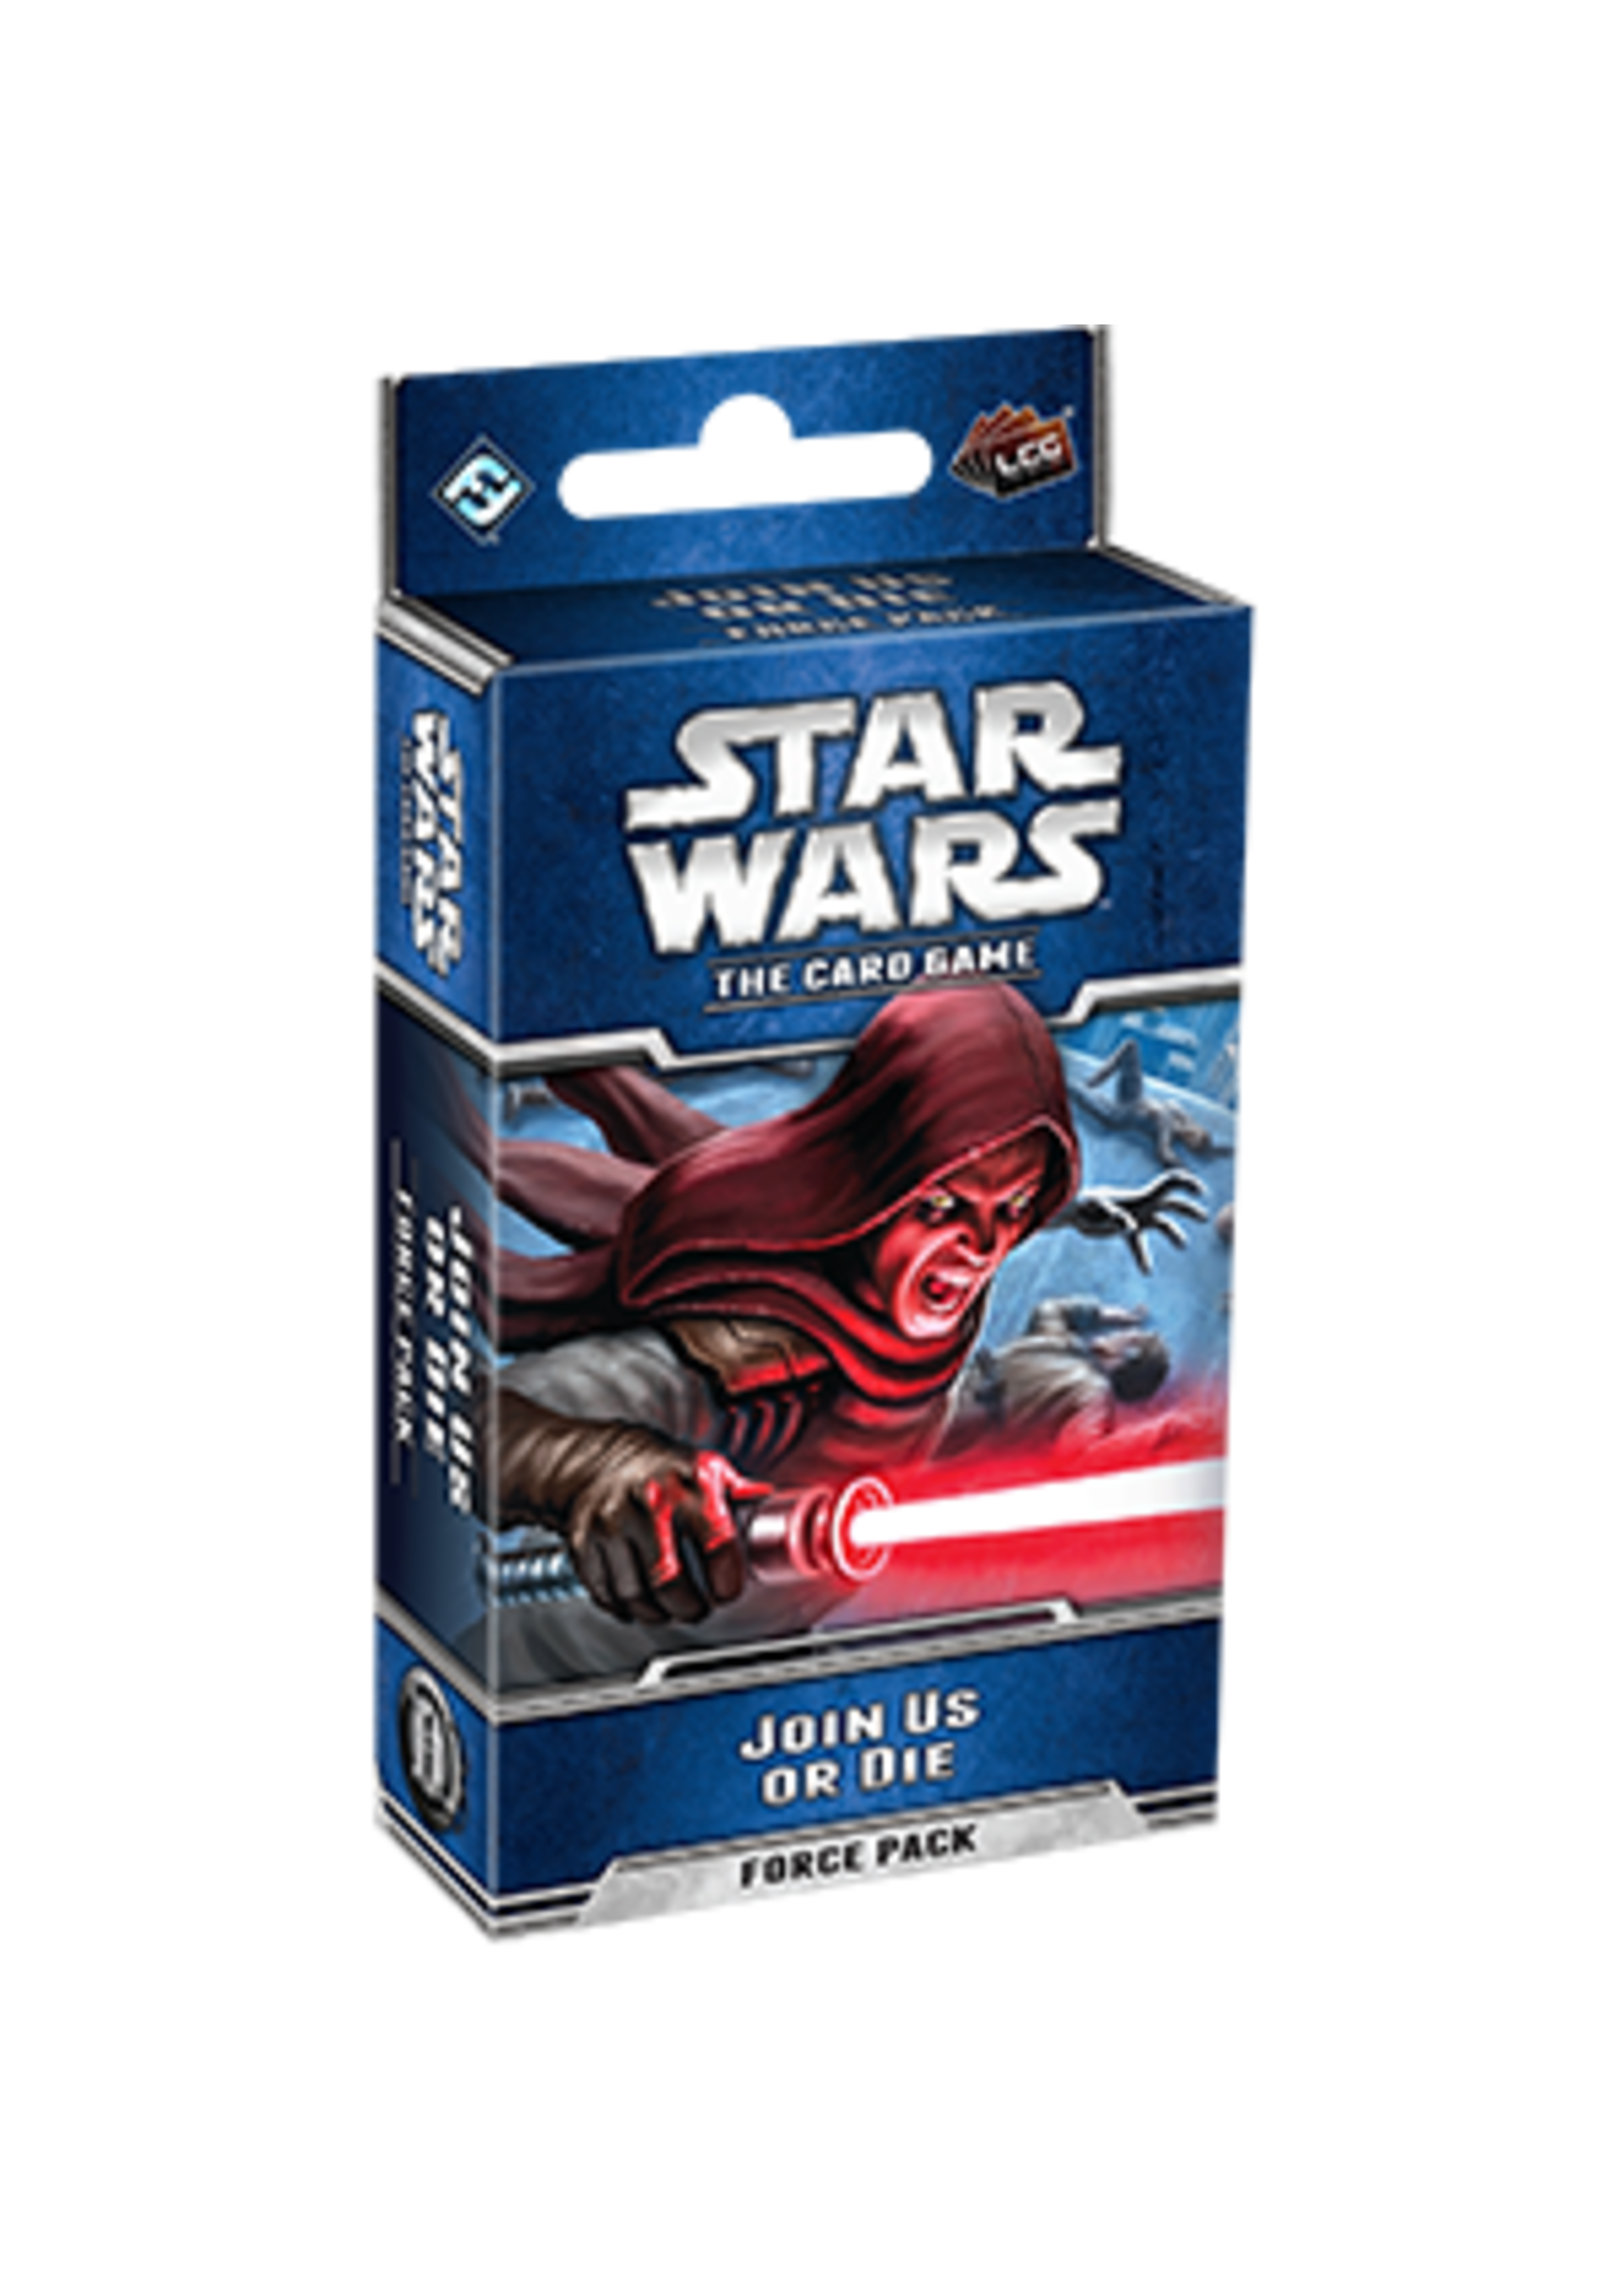 Star Wars LCG: Join Us or Die Force Pack